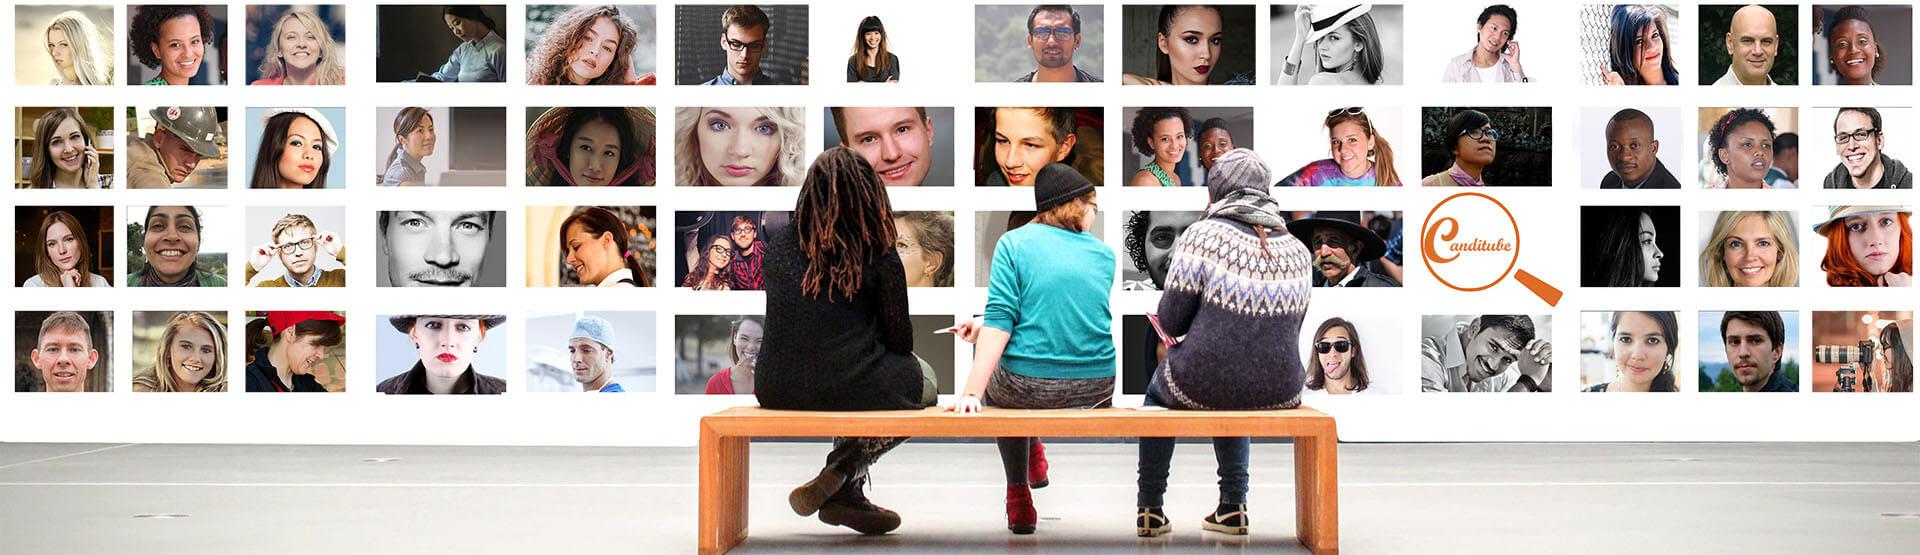 Tres jóvenes sentado en un banco y mirando las fotografías de otra gente colgada en una pared blanca.